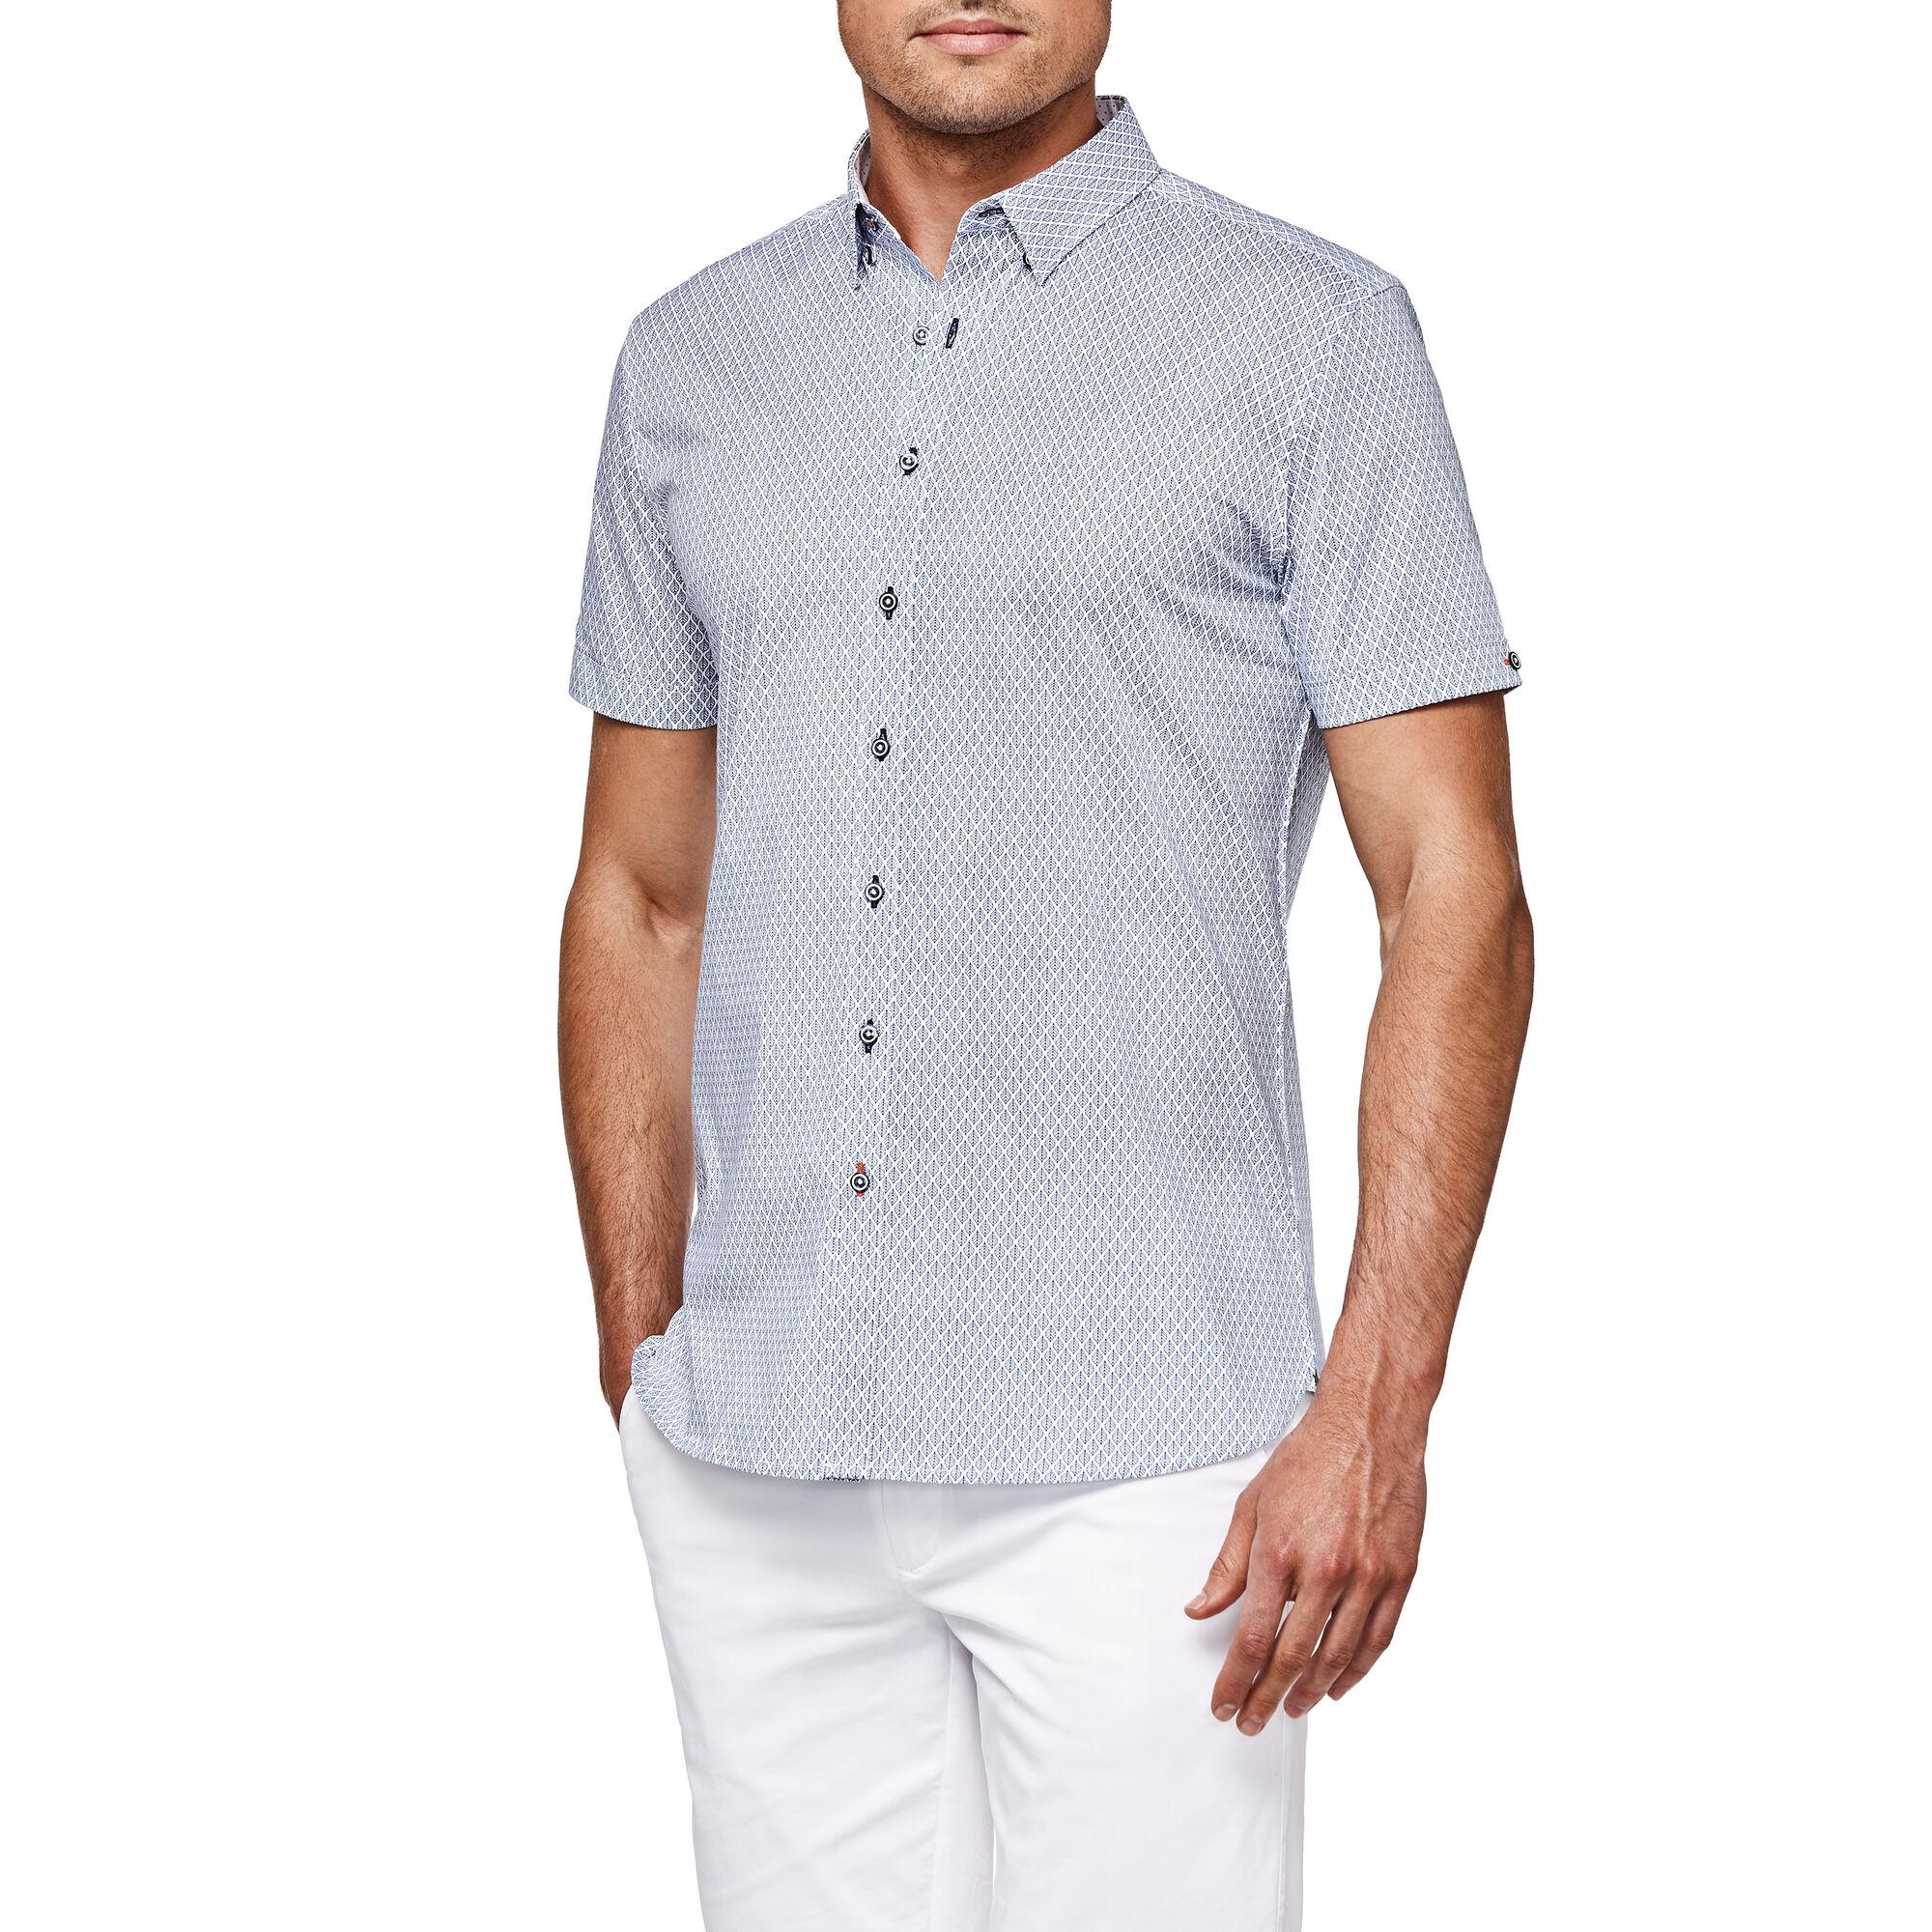 a5179a3a826 Blackwell - White Blue - S S Button Down Print Shirt